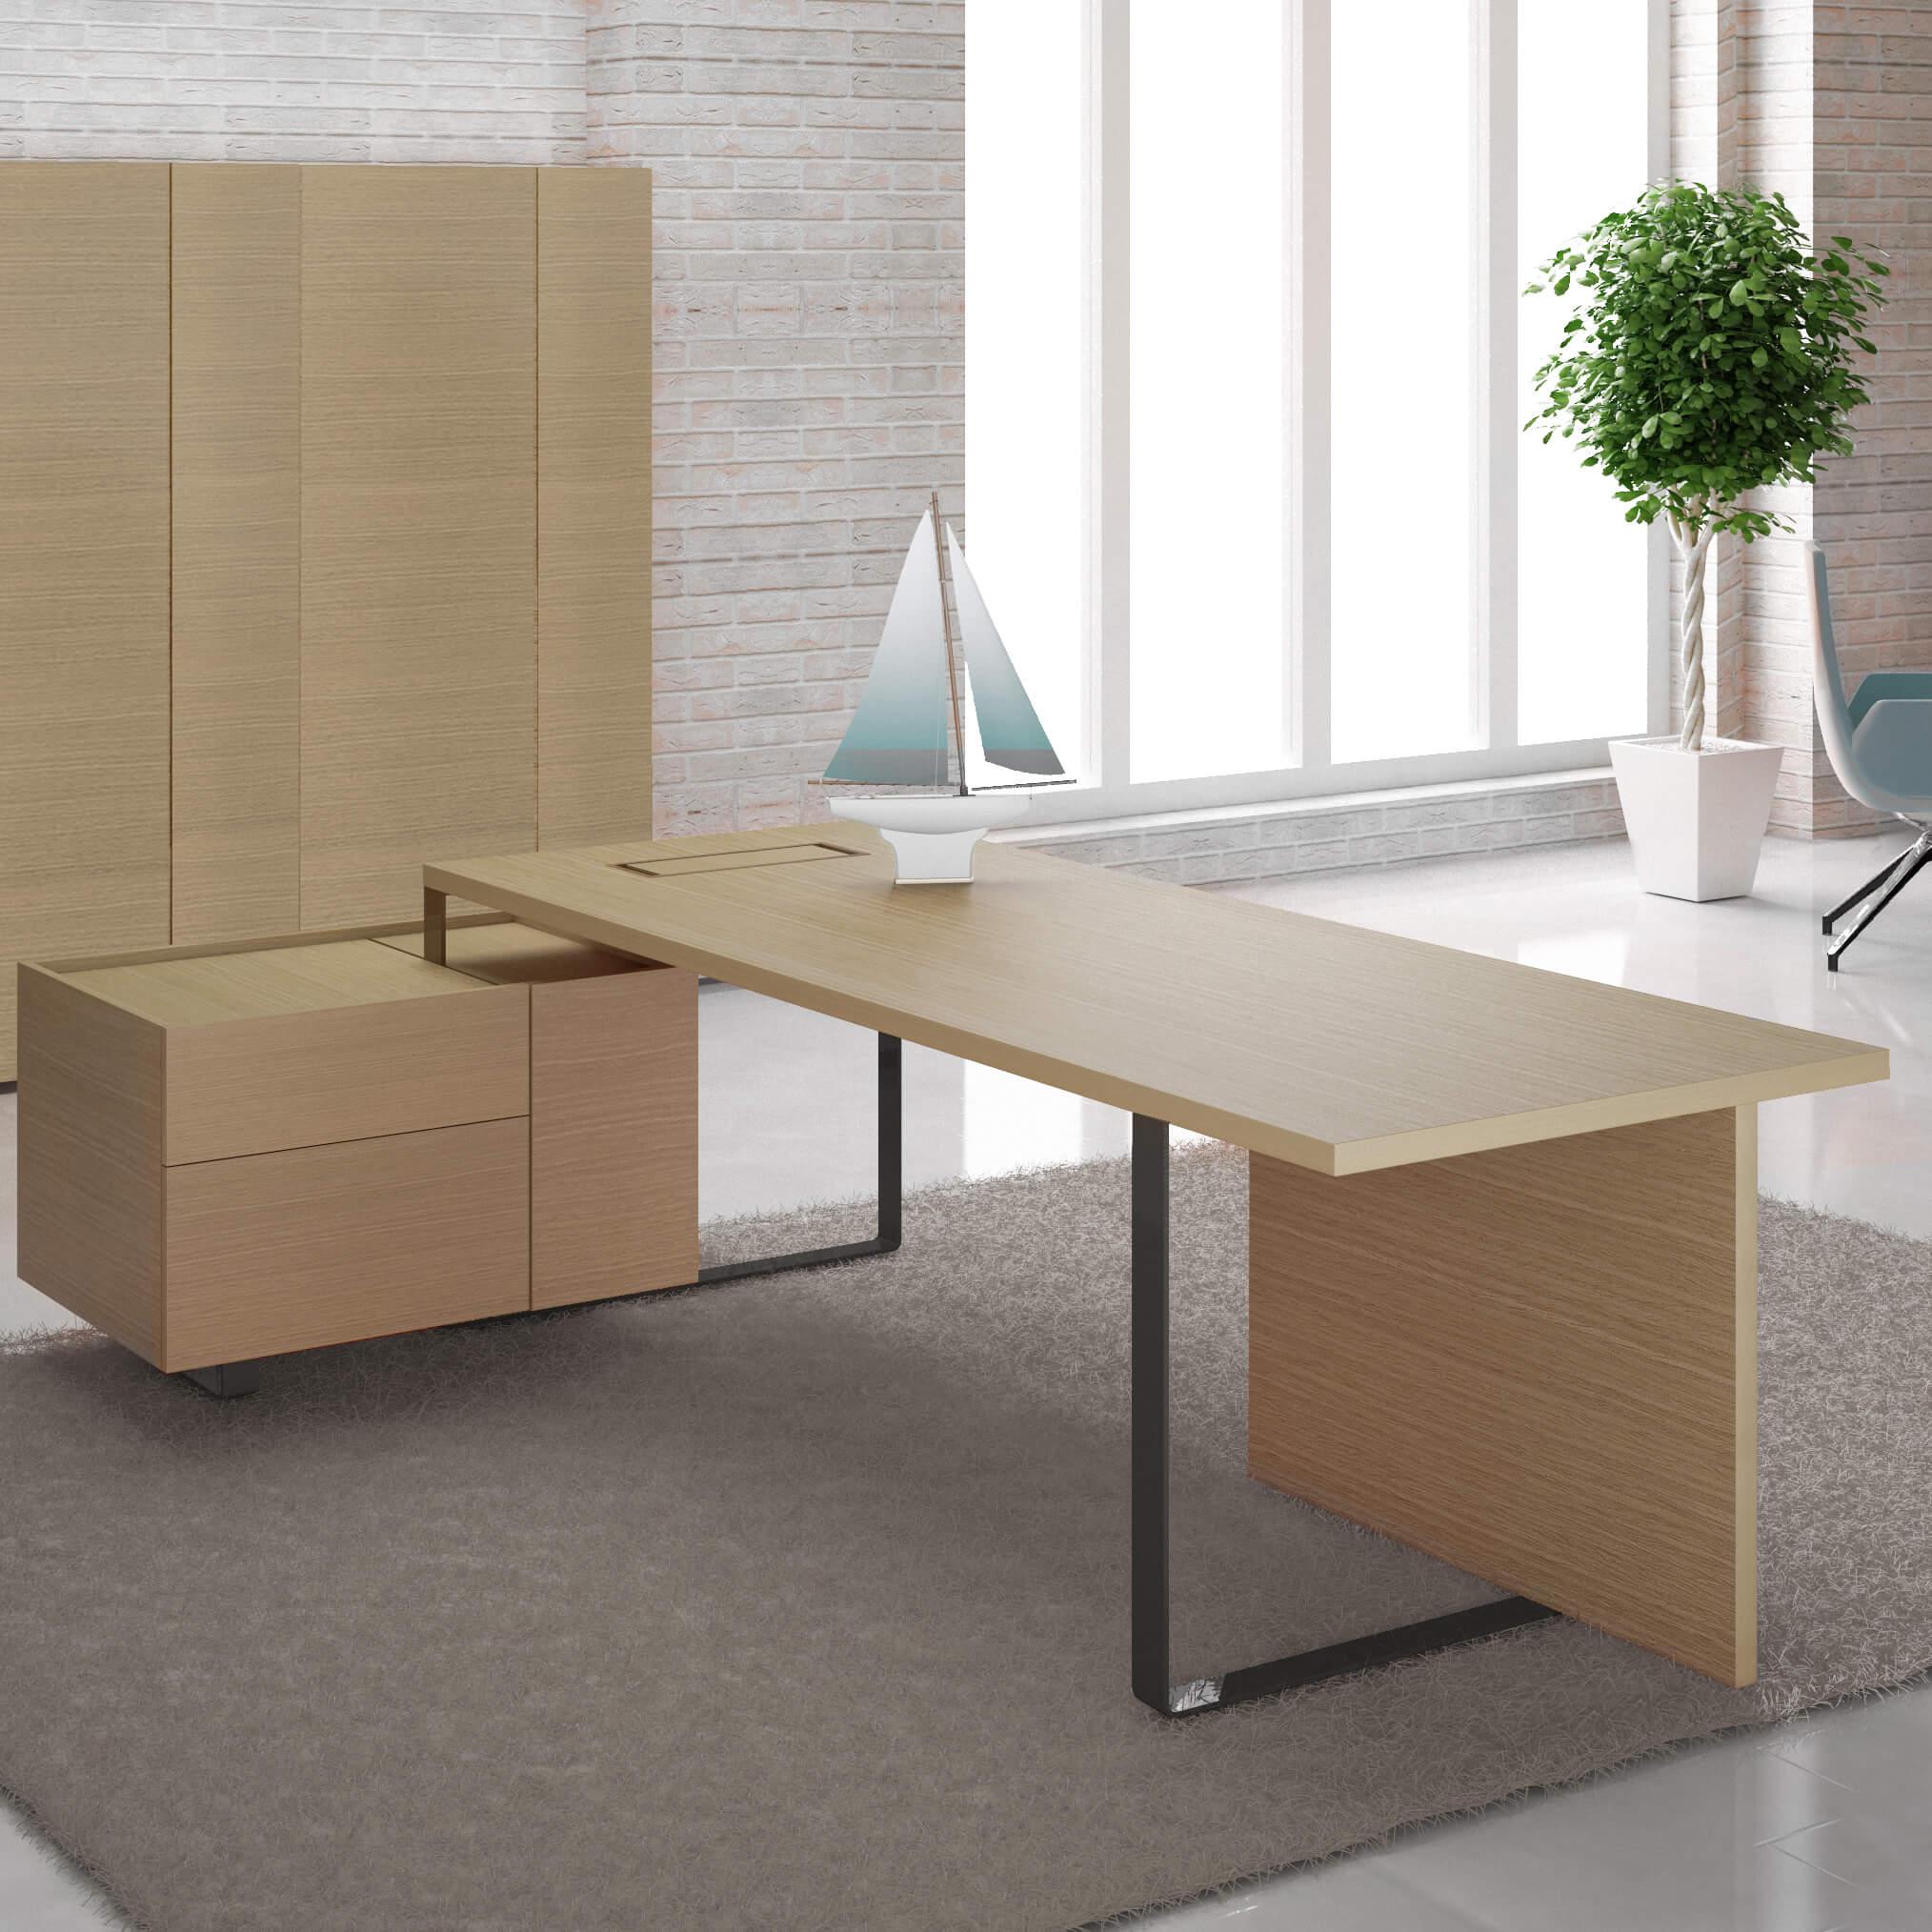 Chefbüro PLANA Maia in Eiche/Bronze Komplettbüro Komplettset Büro Set